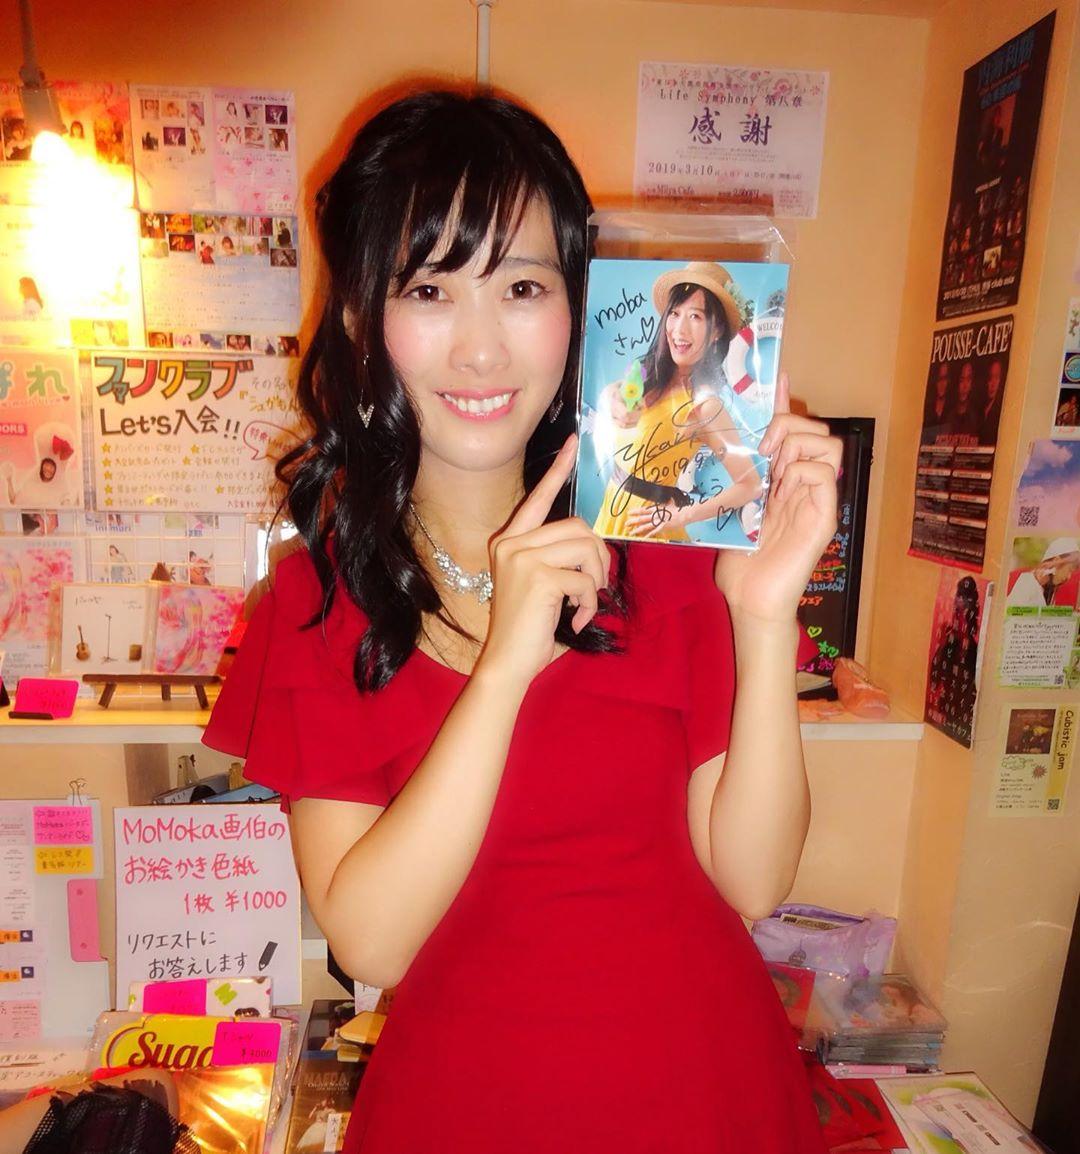 シンガーソングライター  @yukarimaeda 前田有加里さん 銀座ミーヤカフェ 2019/09/13